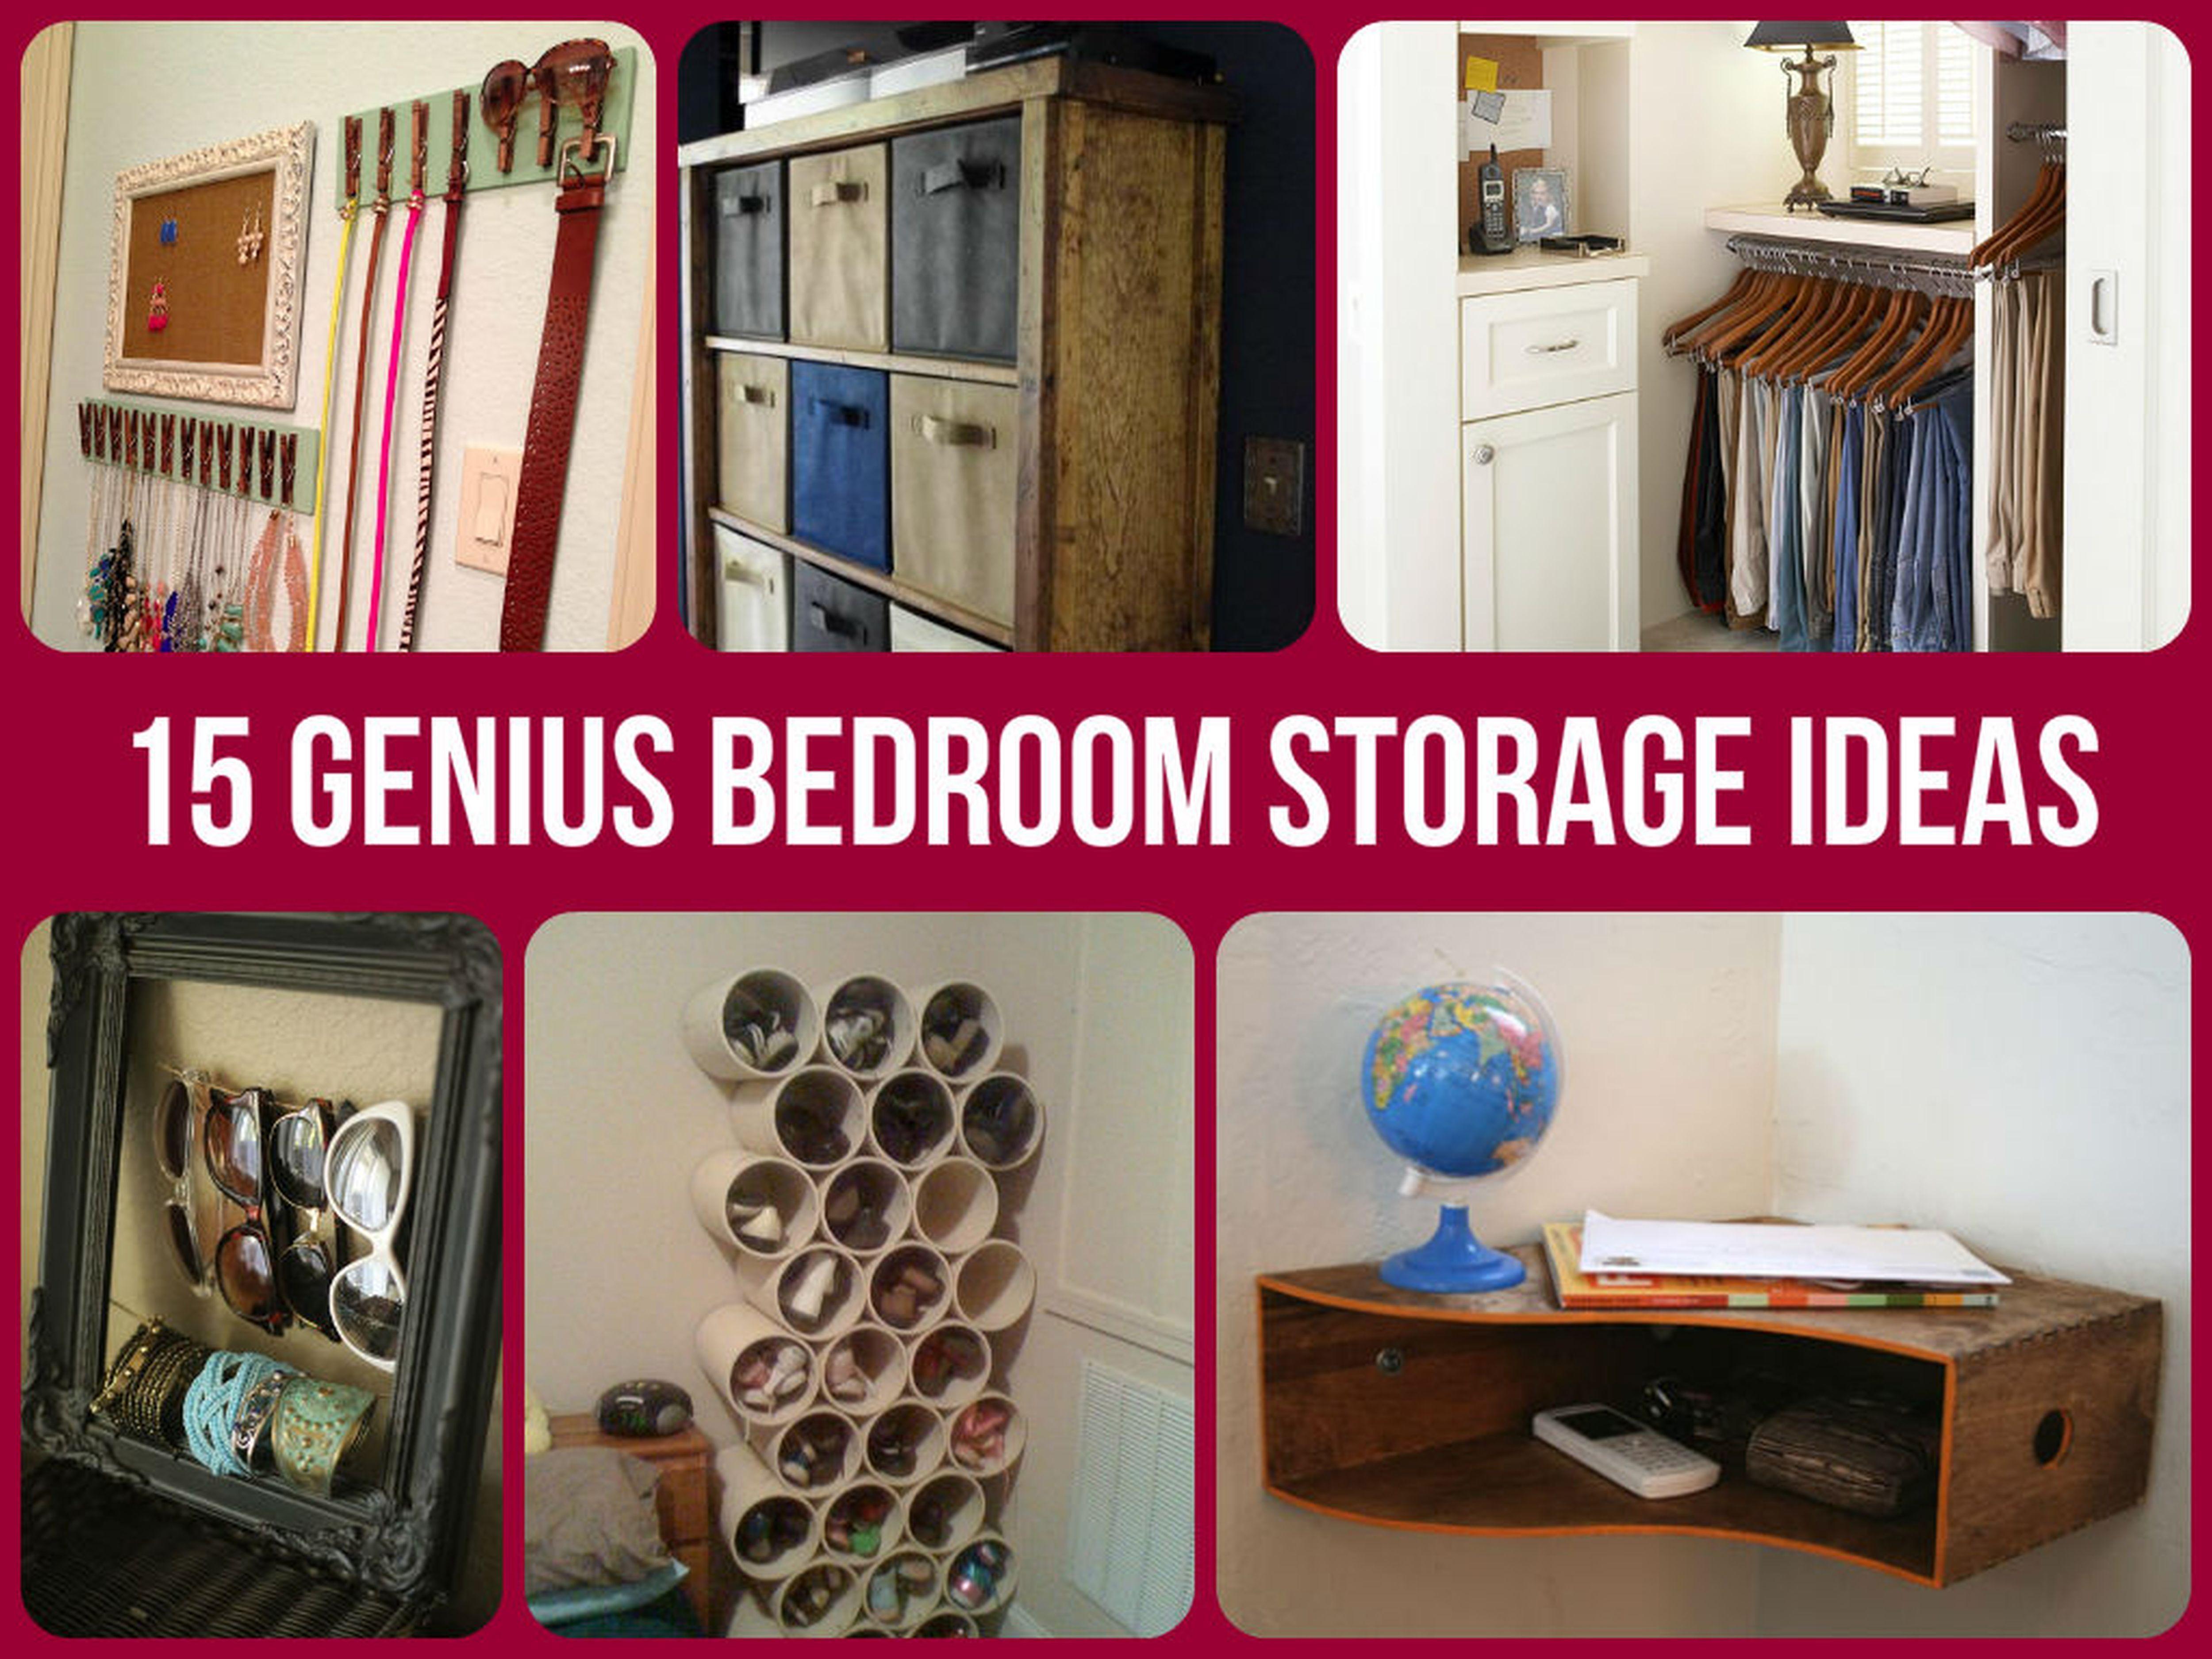 Diy Bedroom Clothing Storage Ideas Bedroom organization